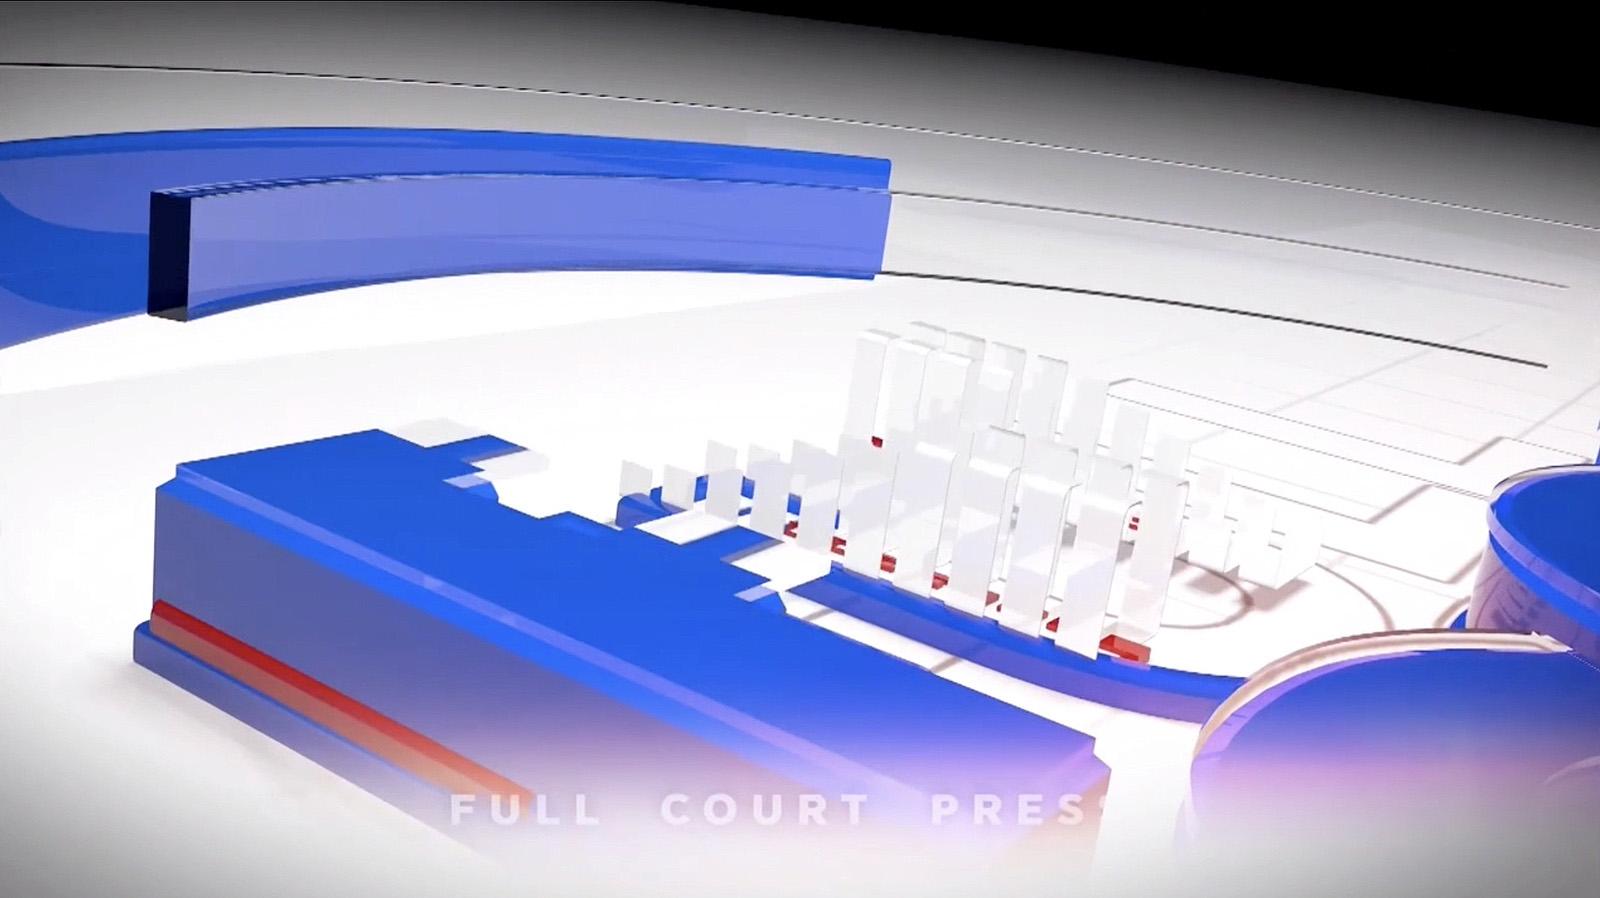 NCS_Full-Court-Press_Greta-Van-Susteren_002